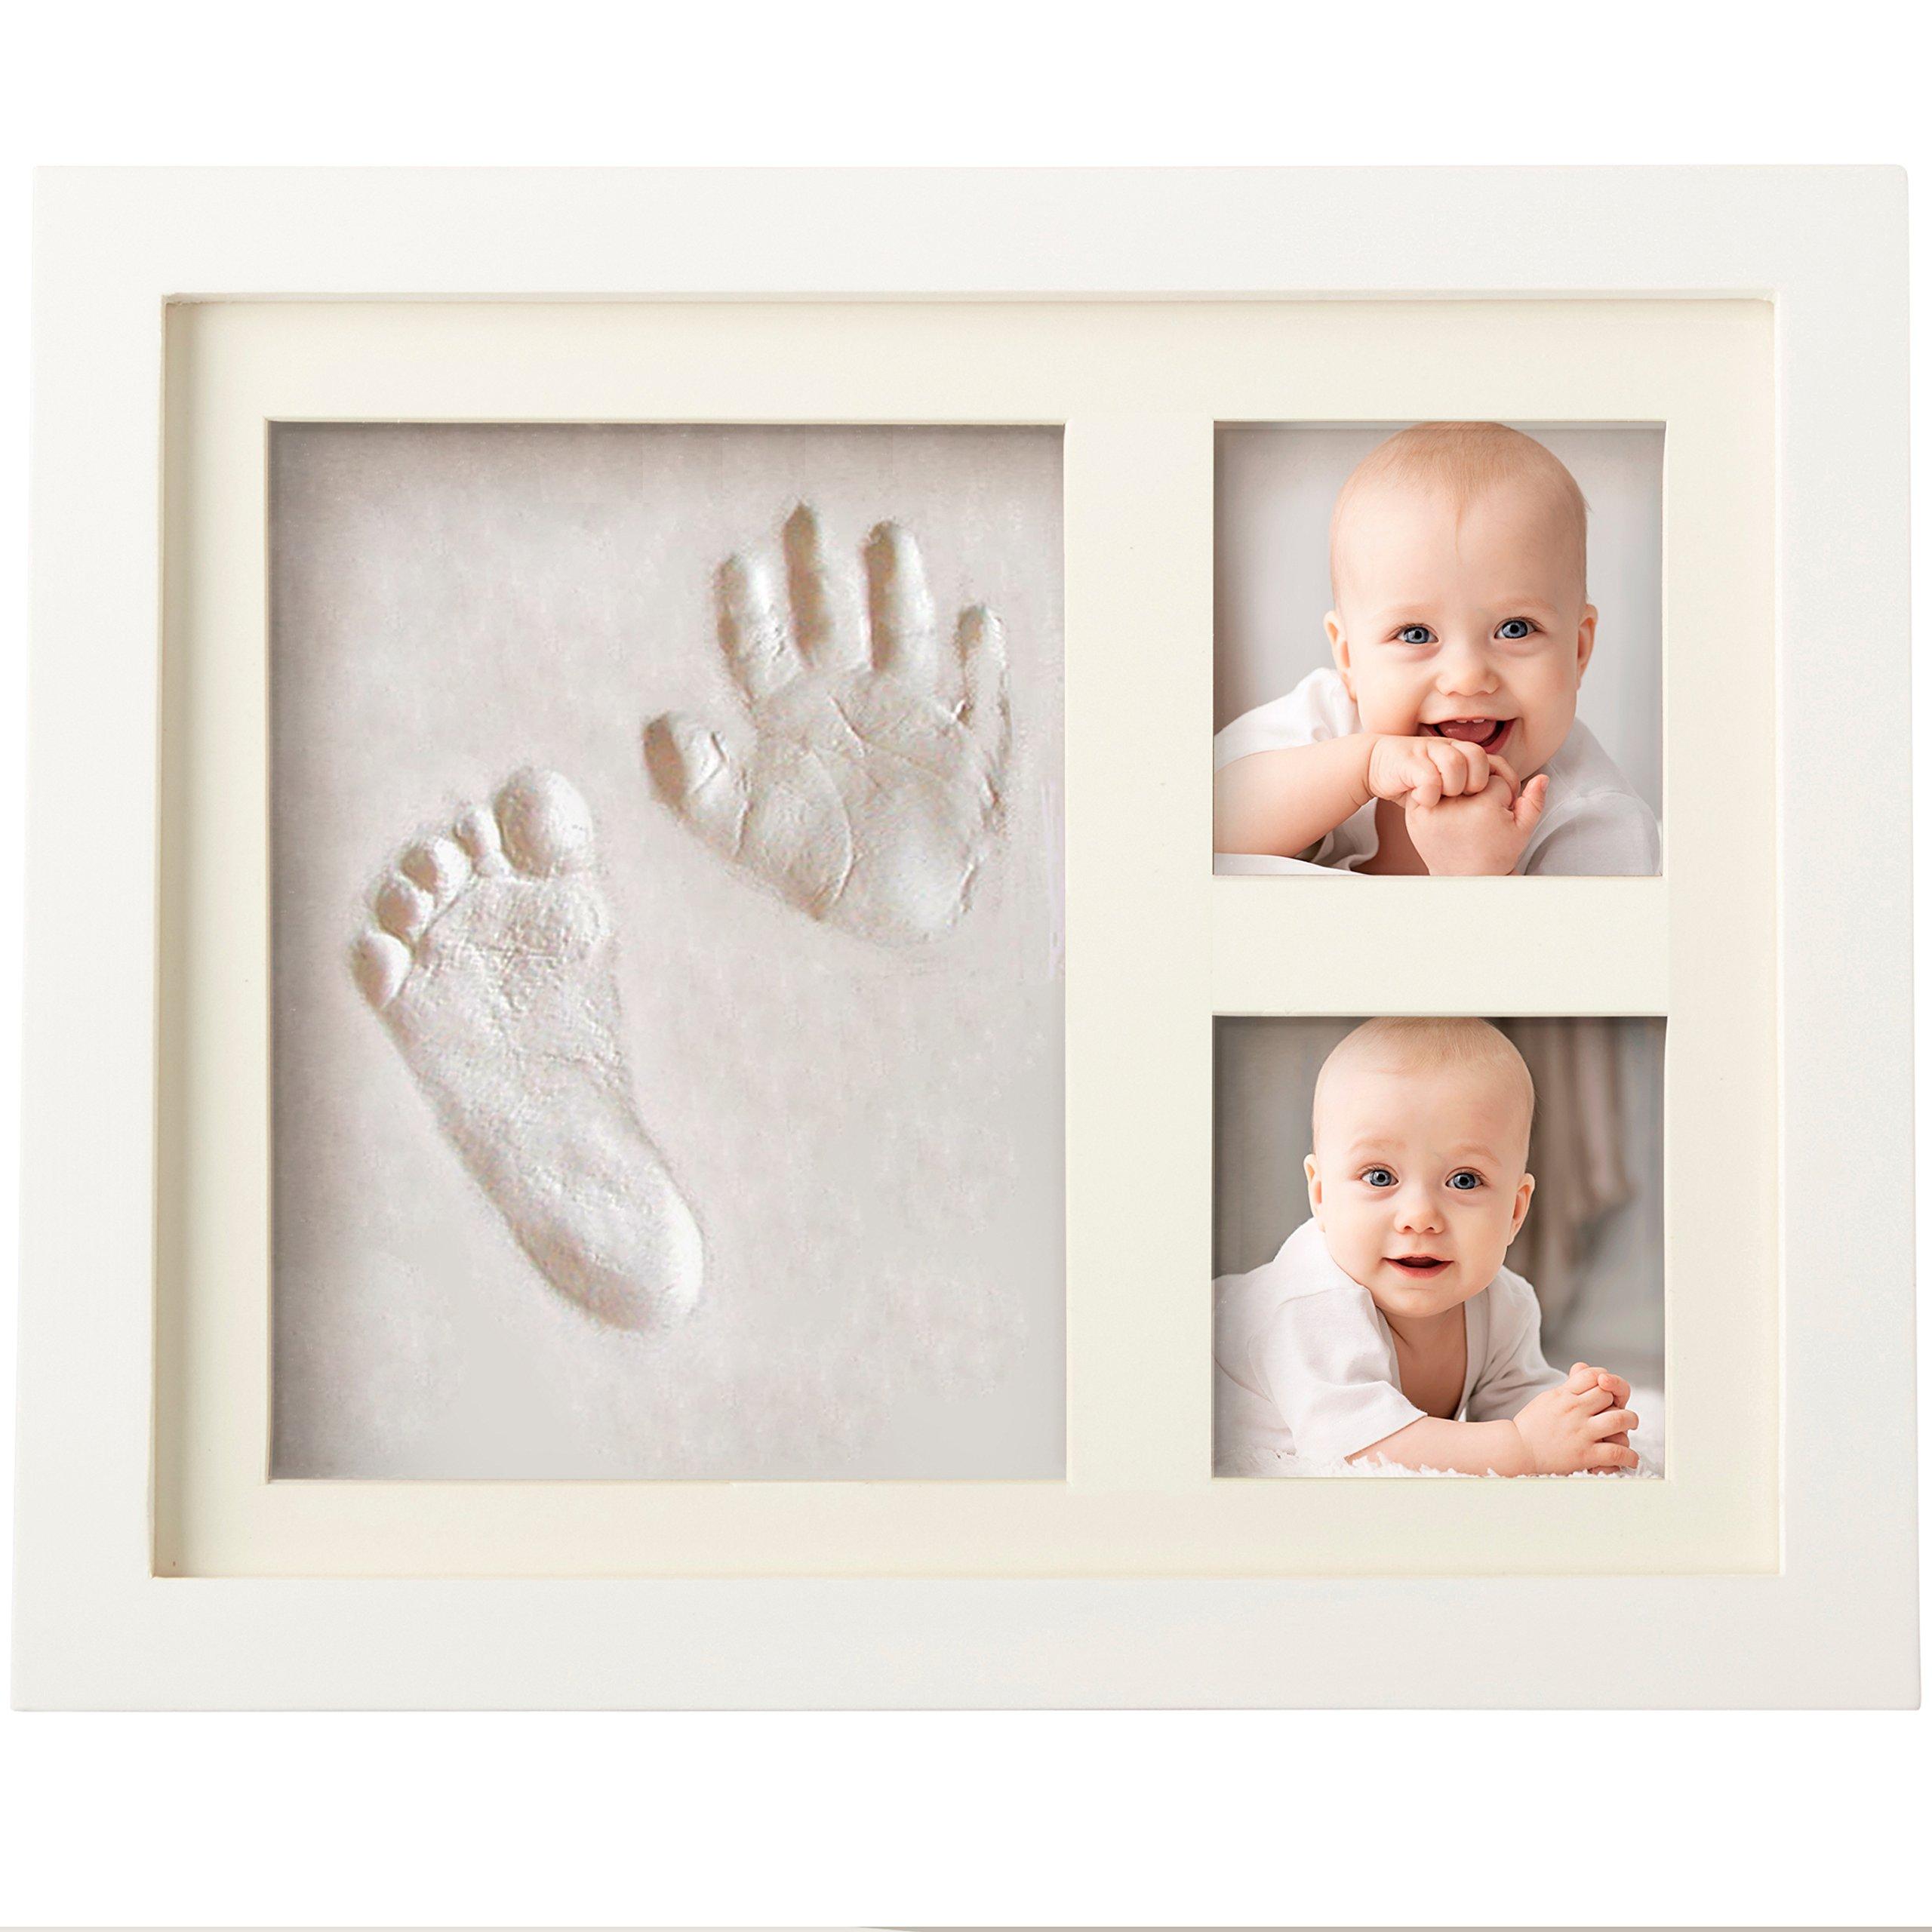 Bubzi Co – Kit de marco de huellas de mano y pie de bebé para niño y niña, regalos originales y únicos para la fiesta de bienvenida del bebé, decoraciones de pared o mesa con recuerdos memorables